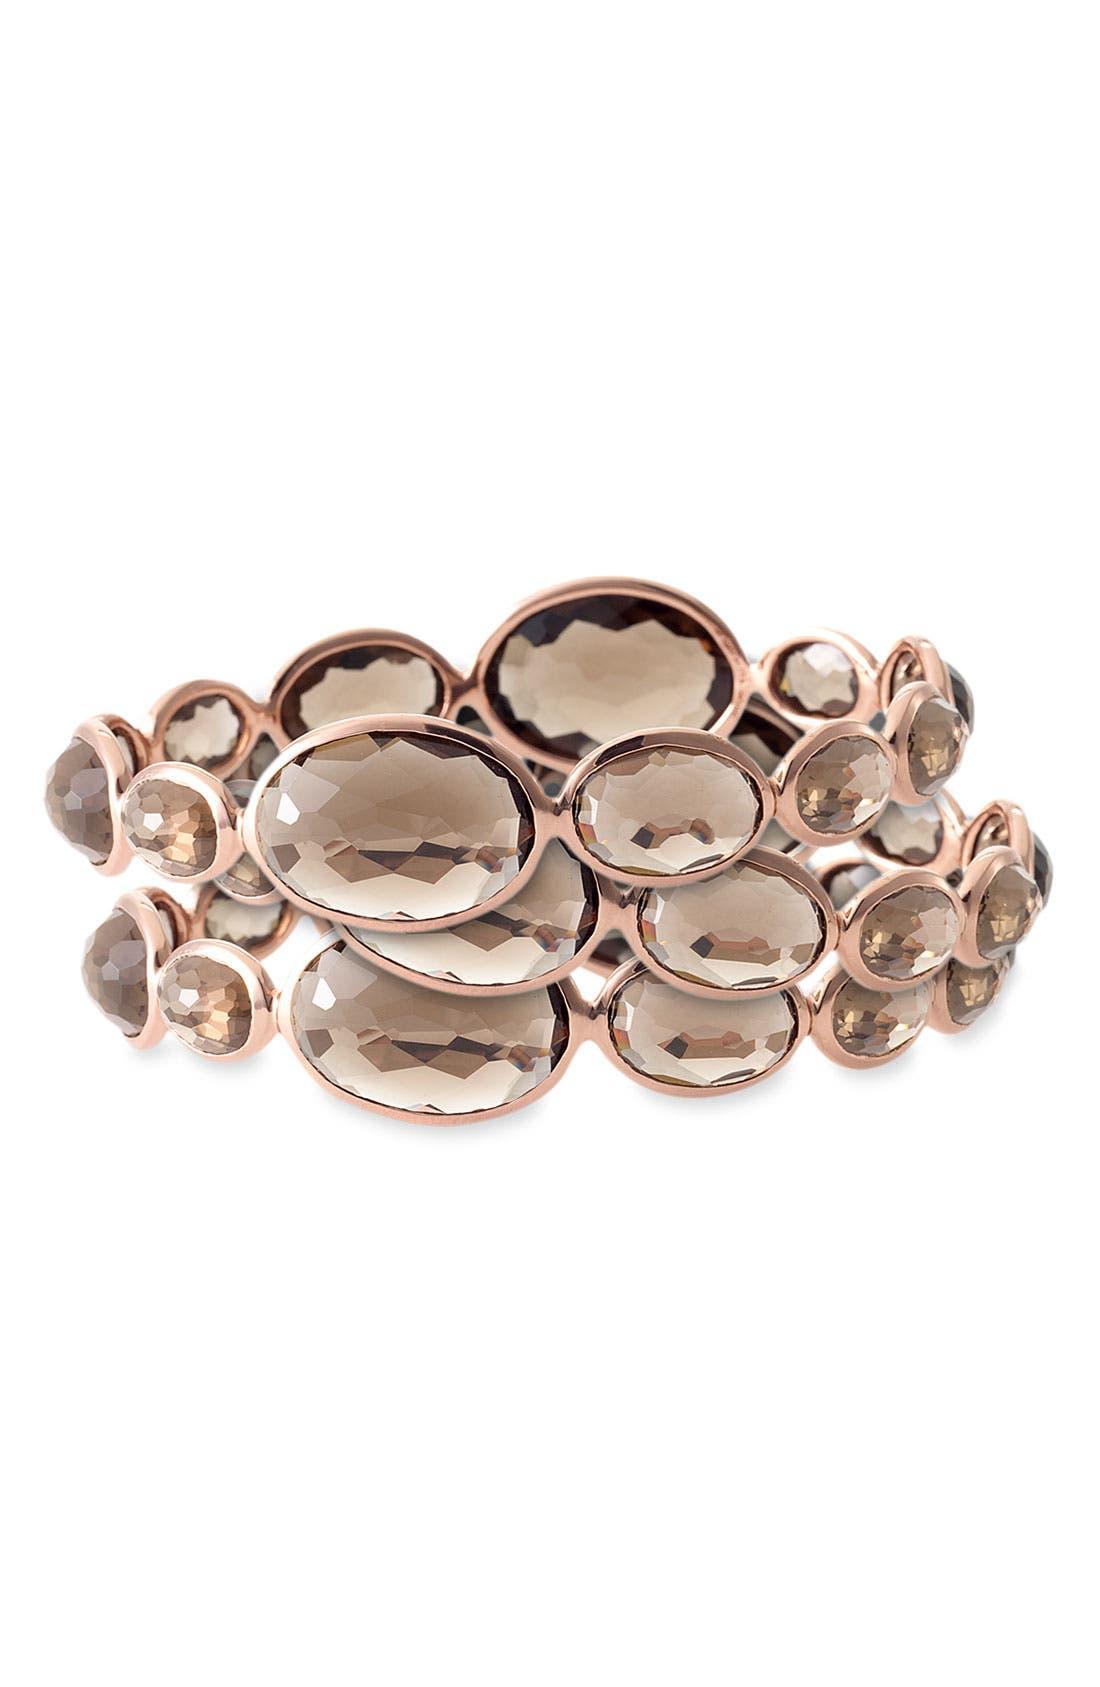 Alternate Image 1 Selected - Ippolita 'Rock Candy Cameo' Smoky Quartz Rosé Bracelet